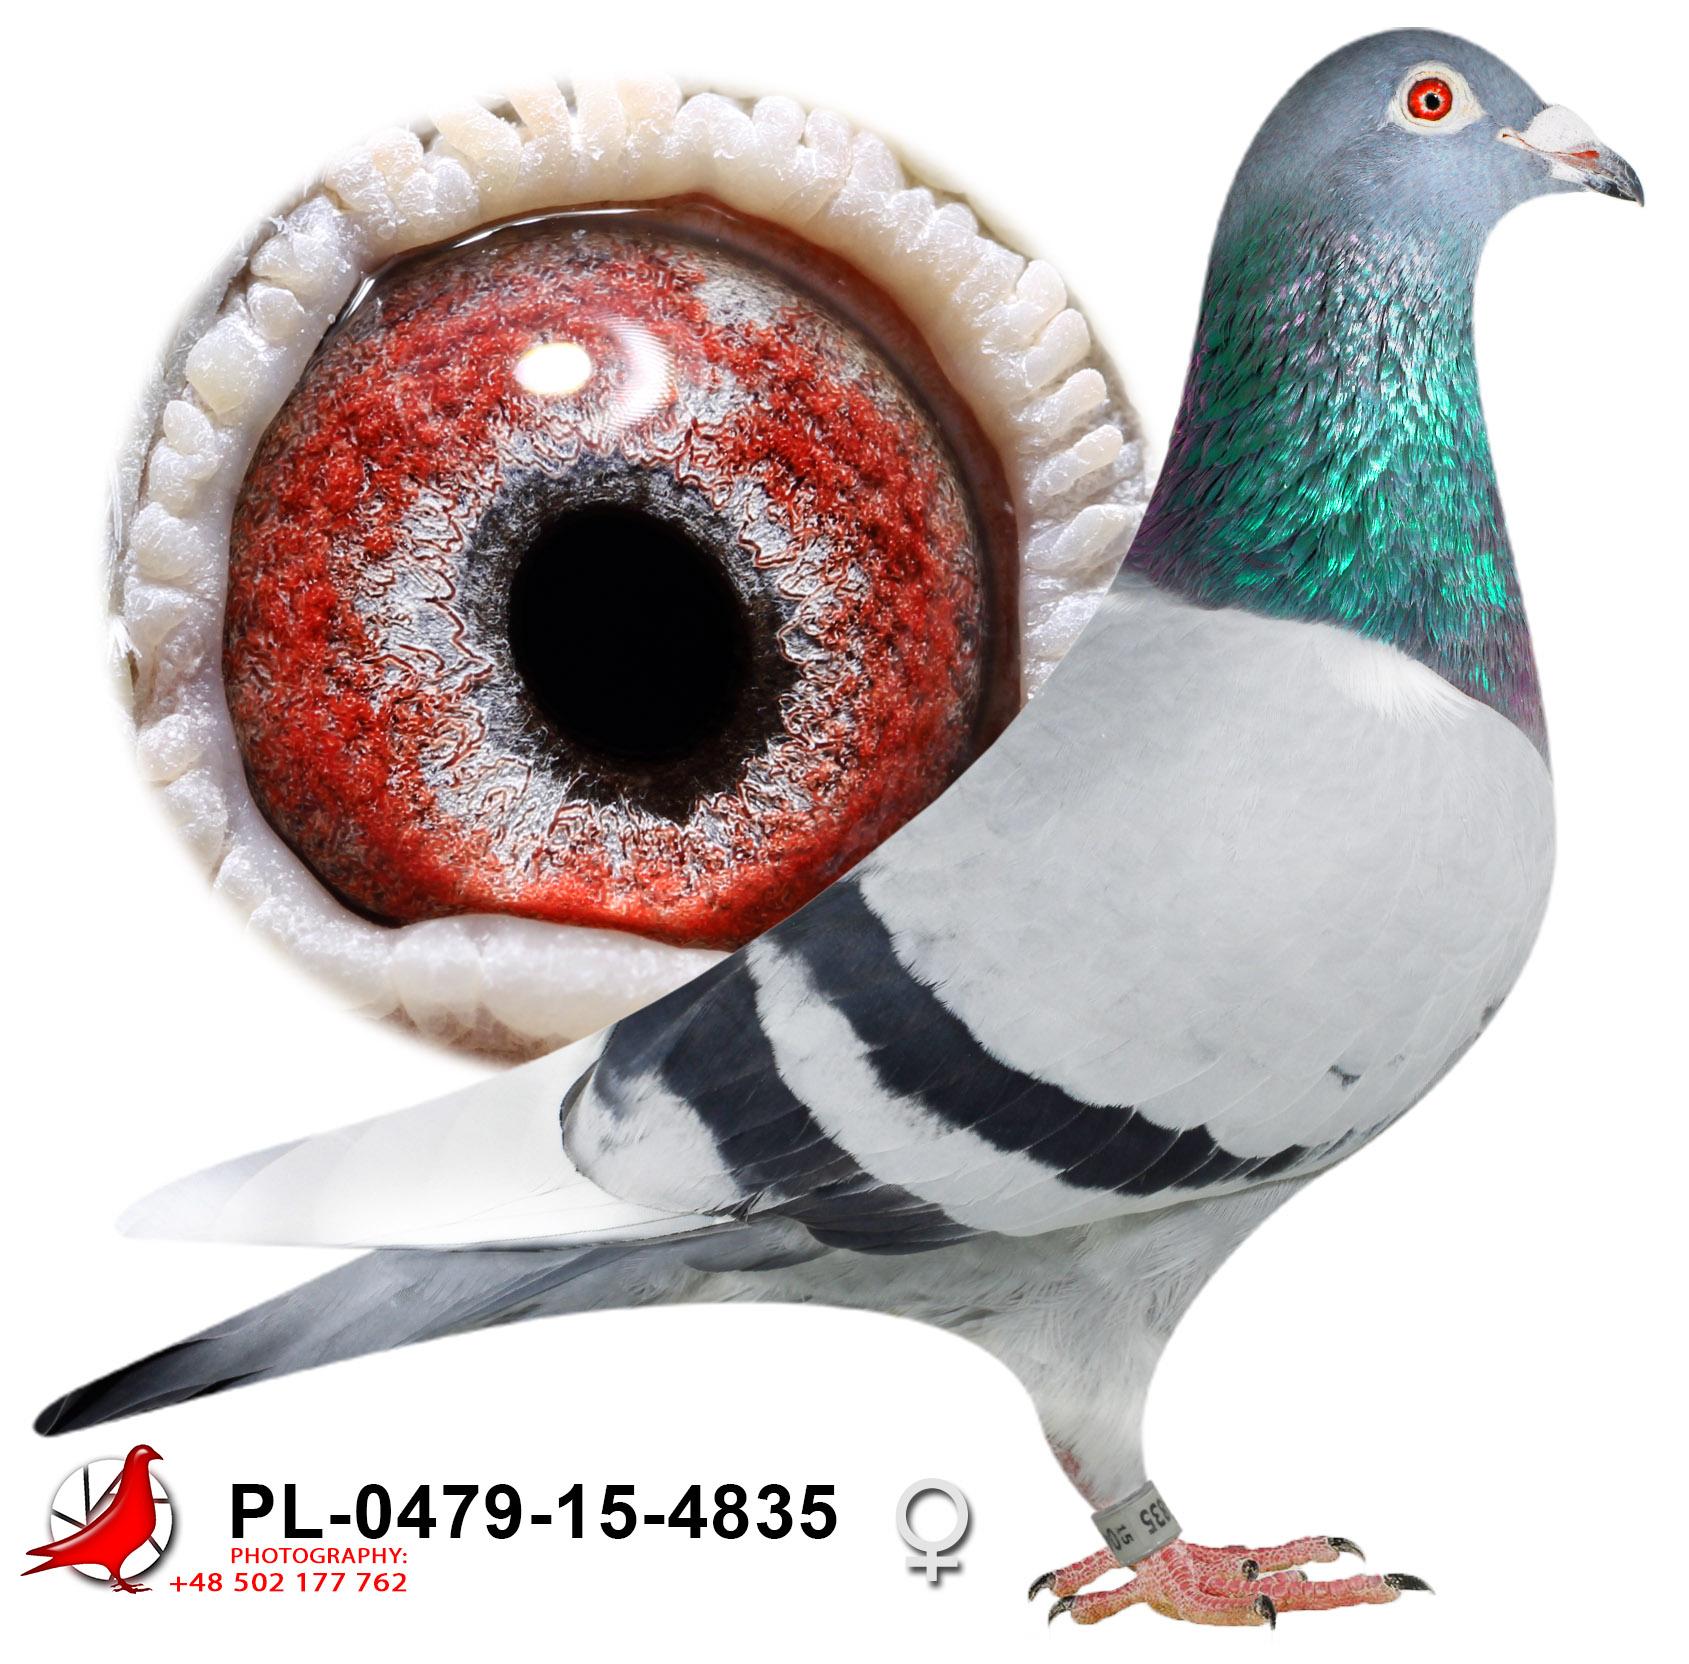 pl-0479-15-4835_h